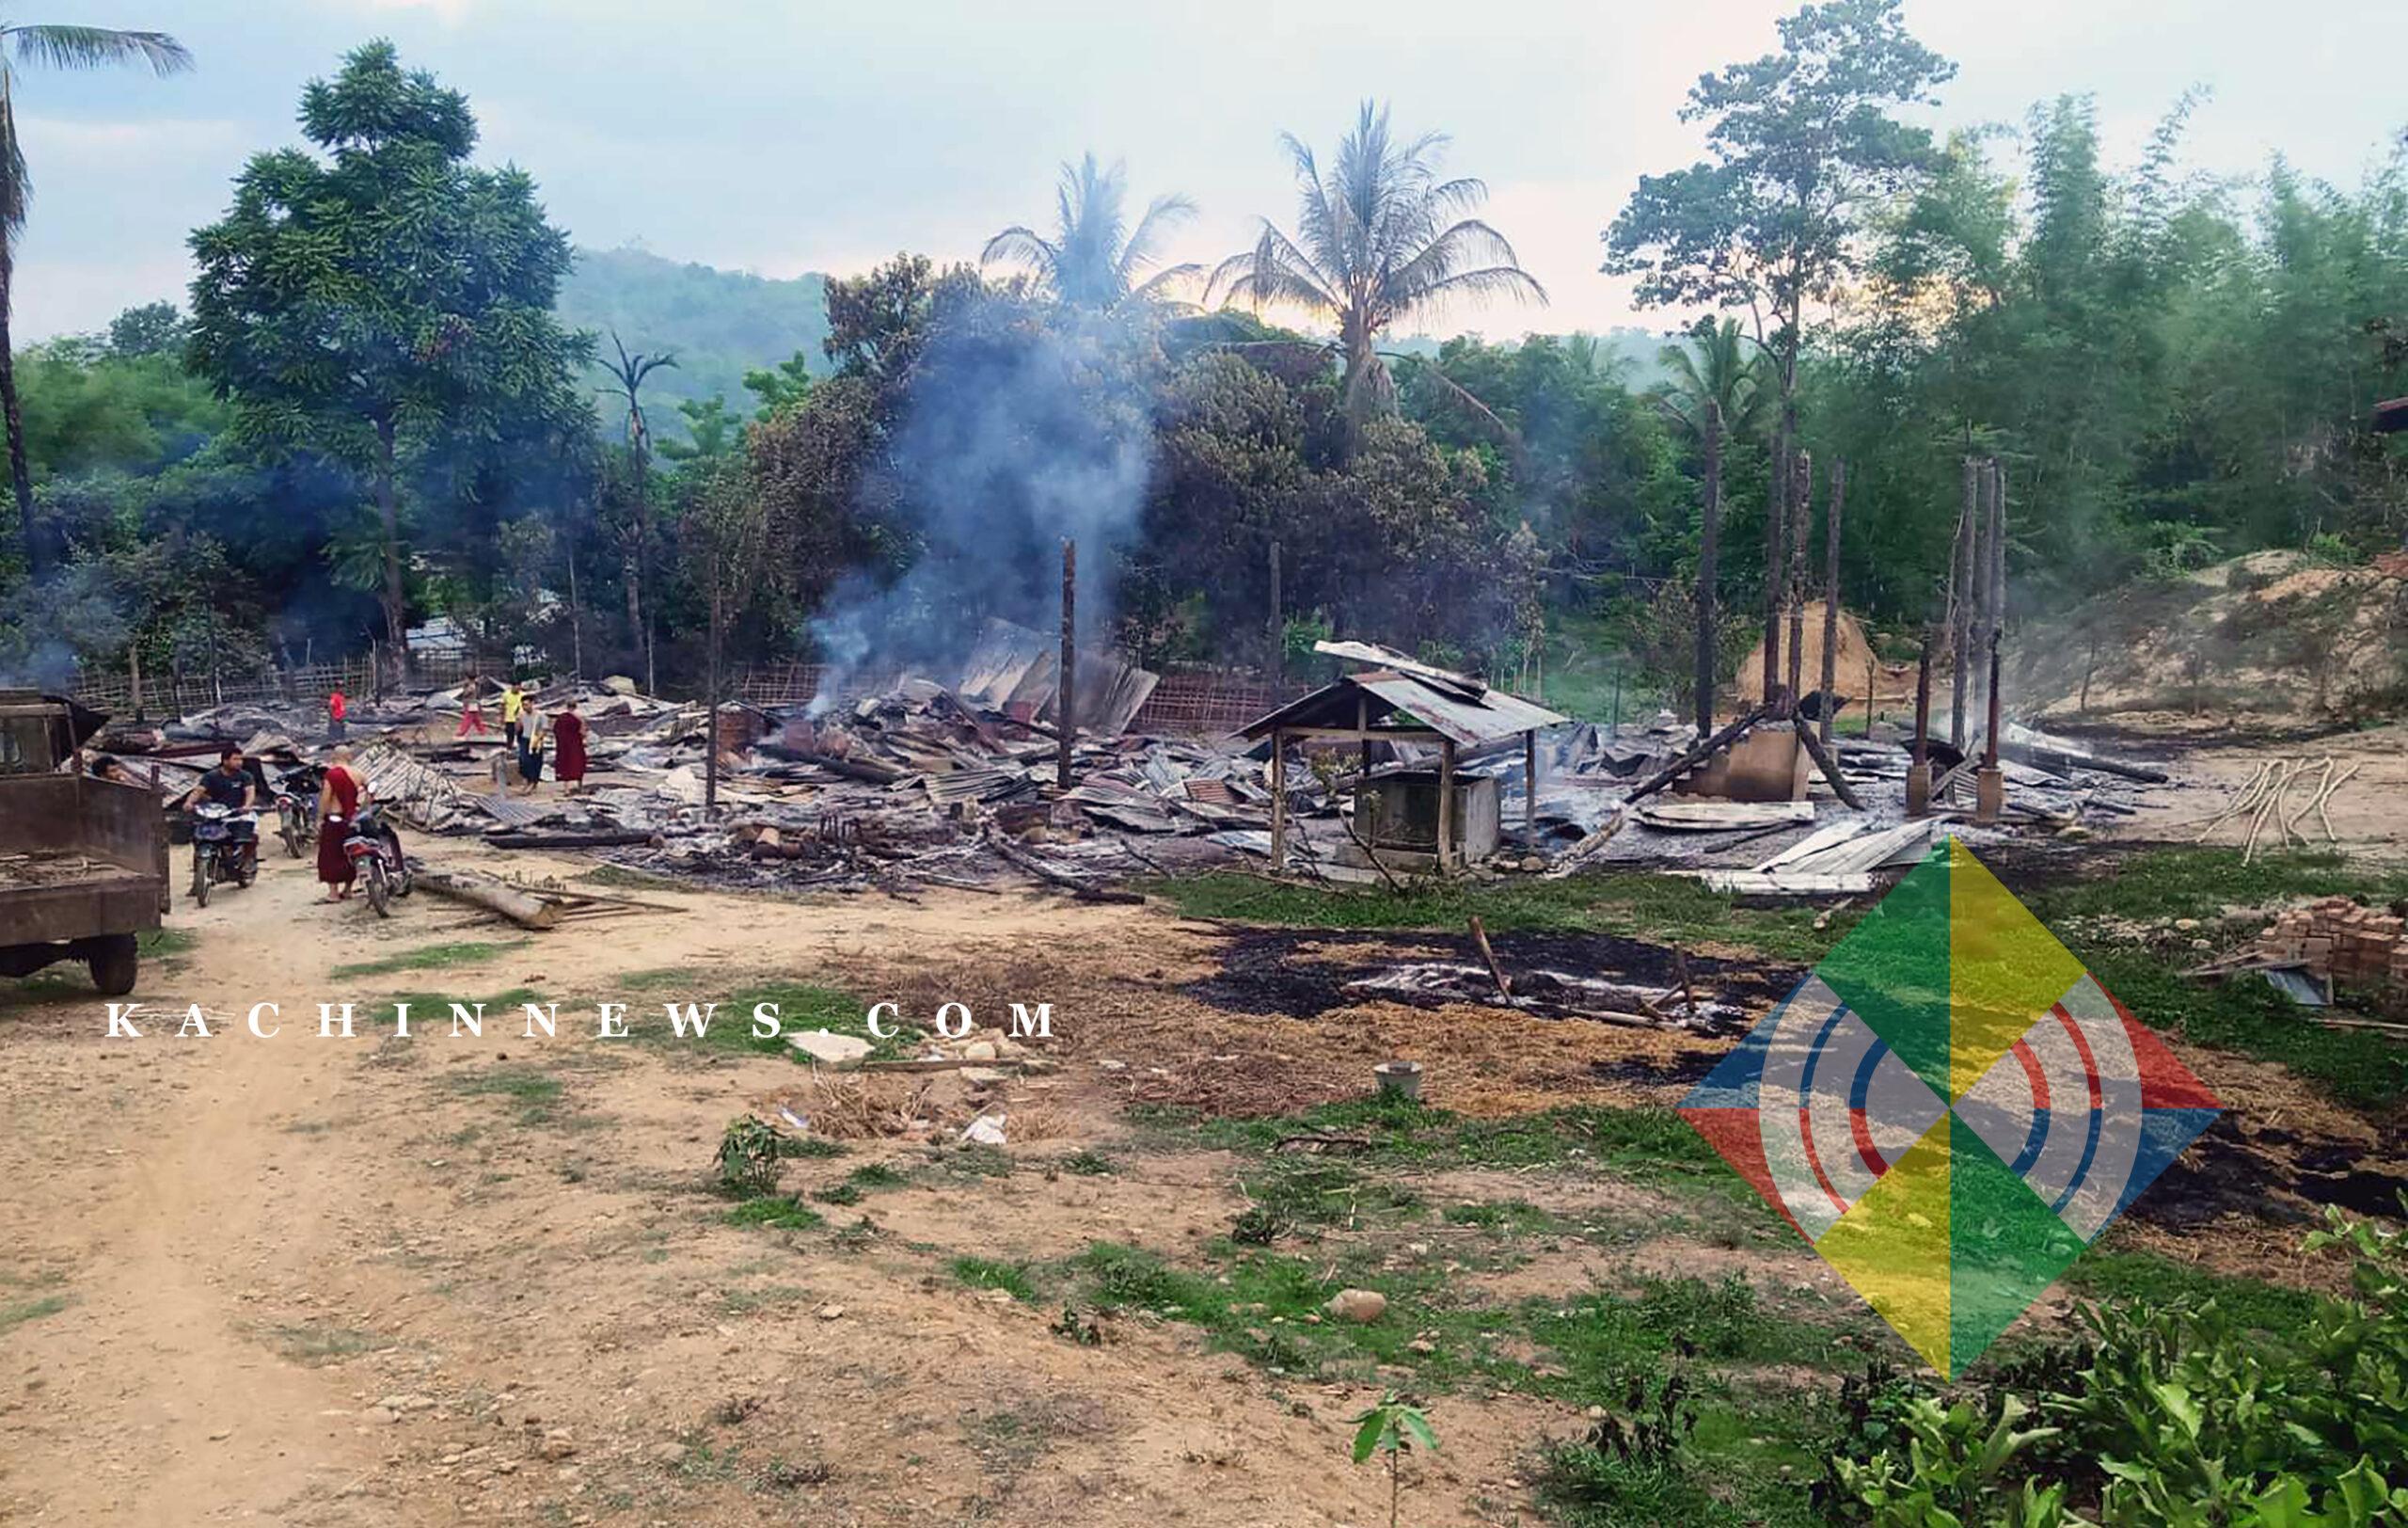 အာဏာသိမ်းစစ်တပ်၏ လက်နက်ကြီးပစ်ခတ်မှုကြောင့် လူနေအိမ် ၅ လုံး မီးလောင်